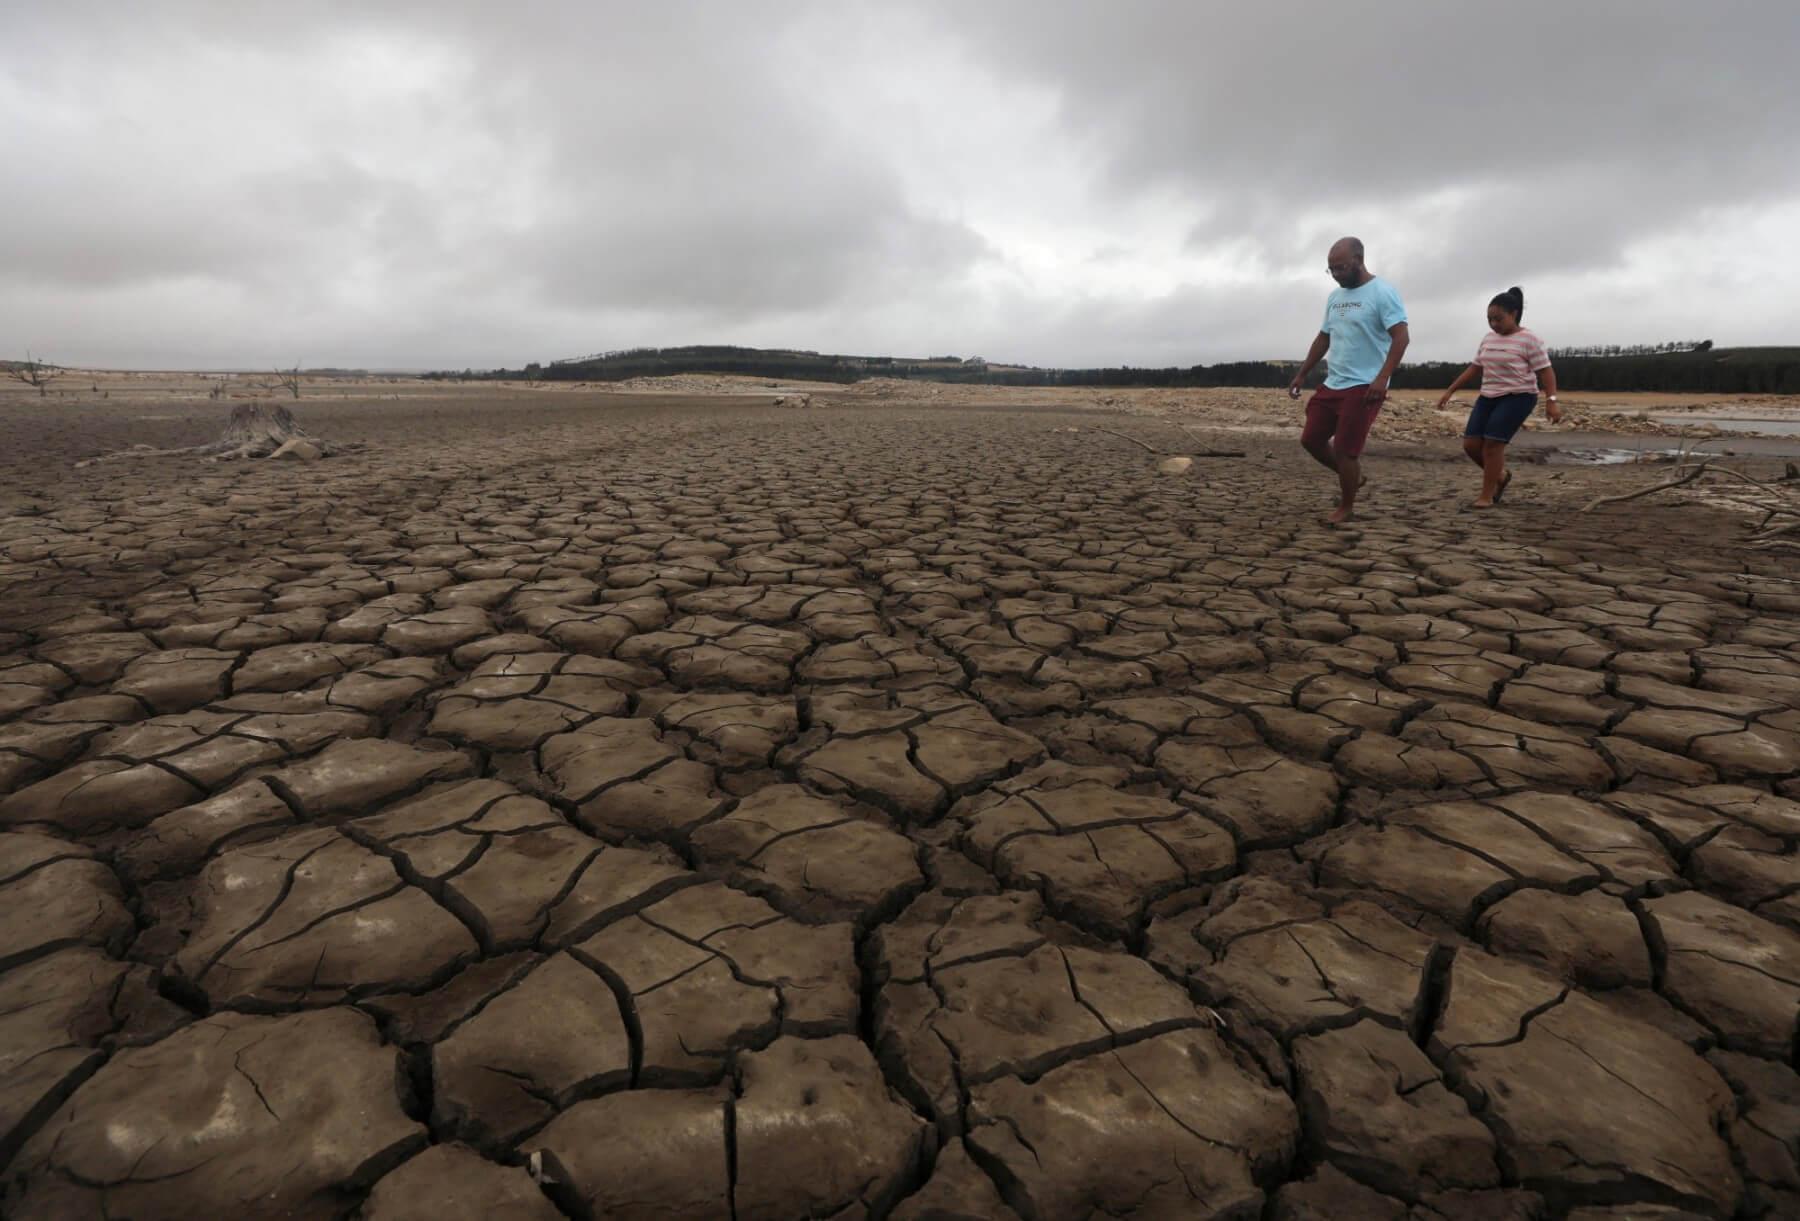 開普敦科學家想要推動大規模地球工程來降低當地乾旱機率 - 明日科學新媒體